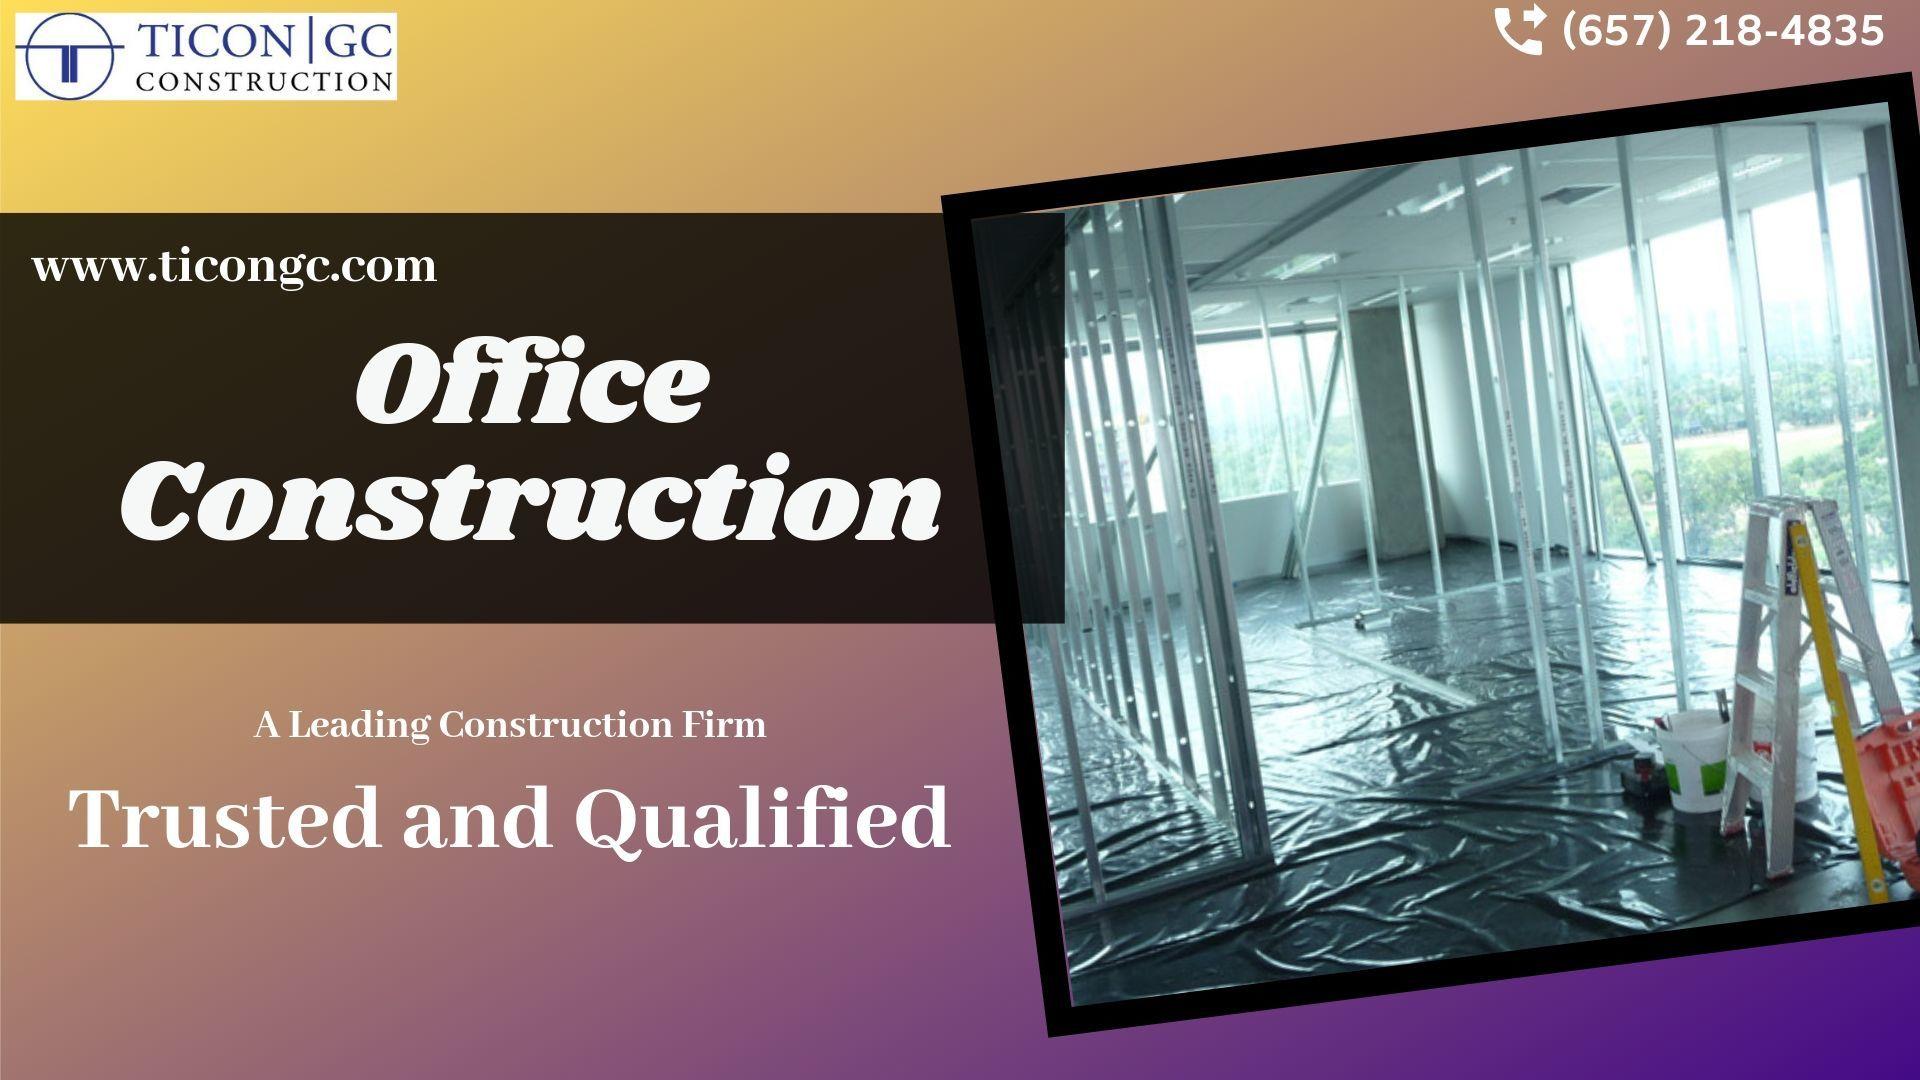 Office Construction Company Orange County CA